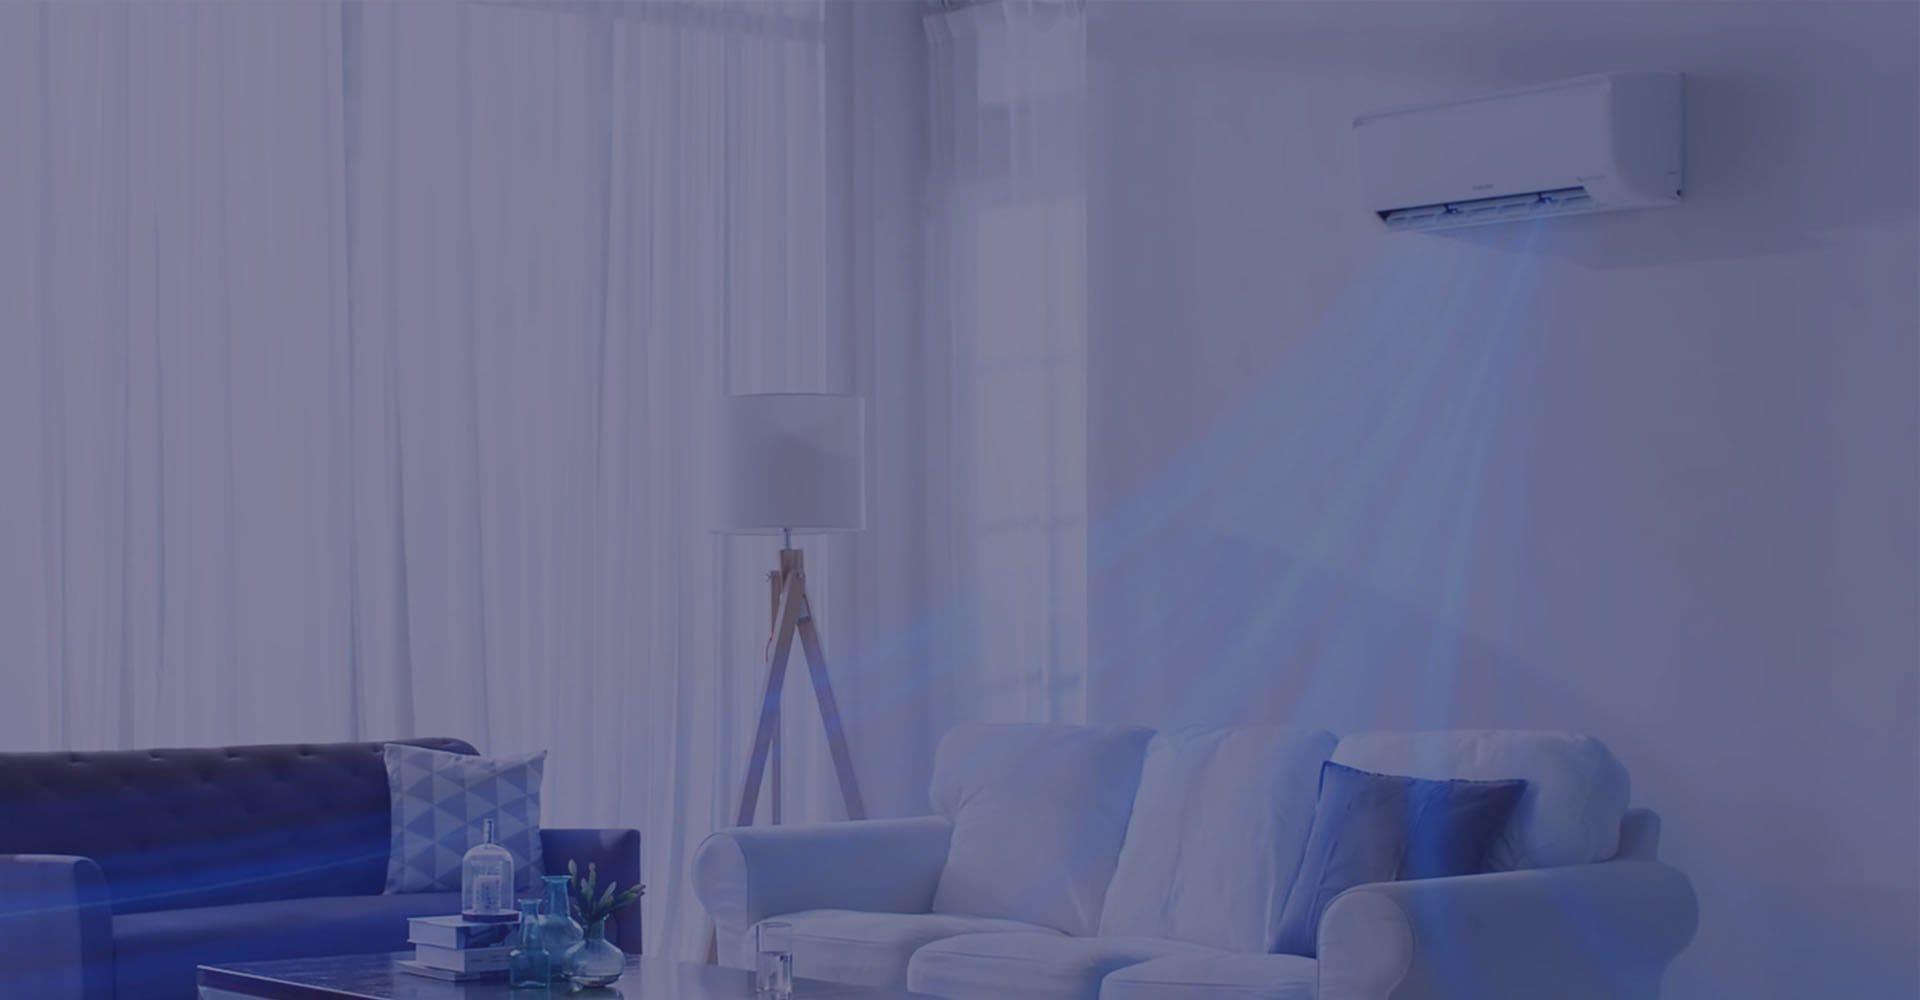 Profesjonalna klimatyzacja w Twoim domu.  Tańsza niż Ci się wydaje